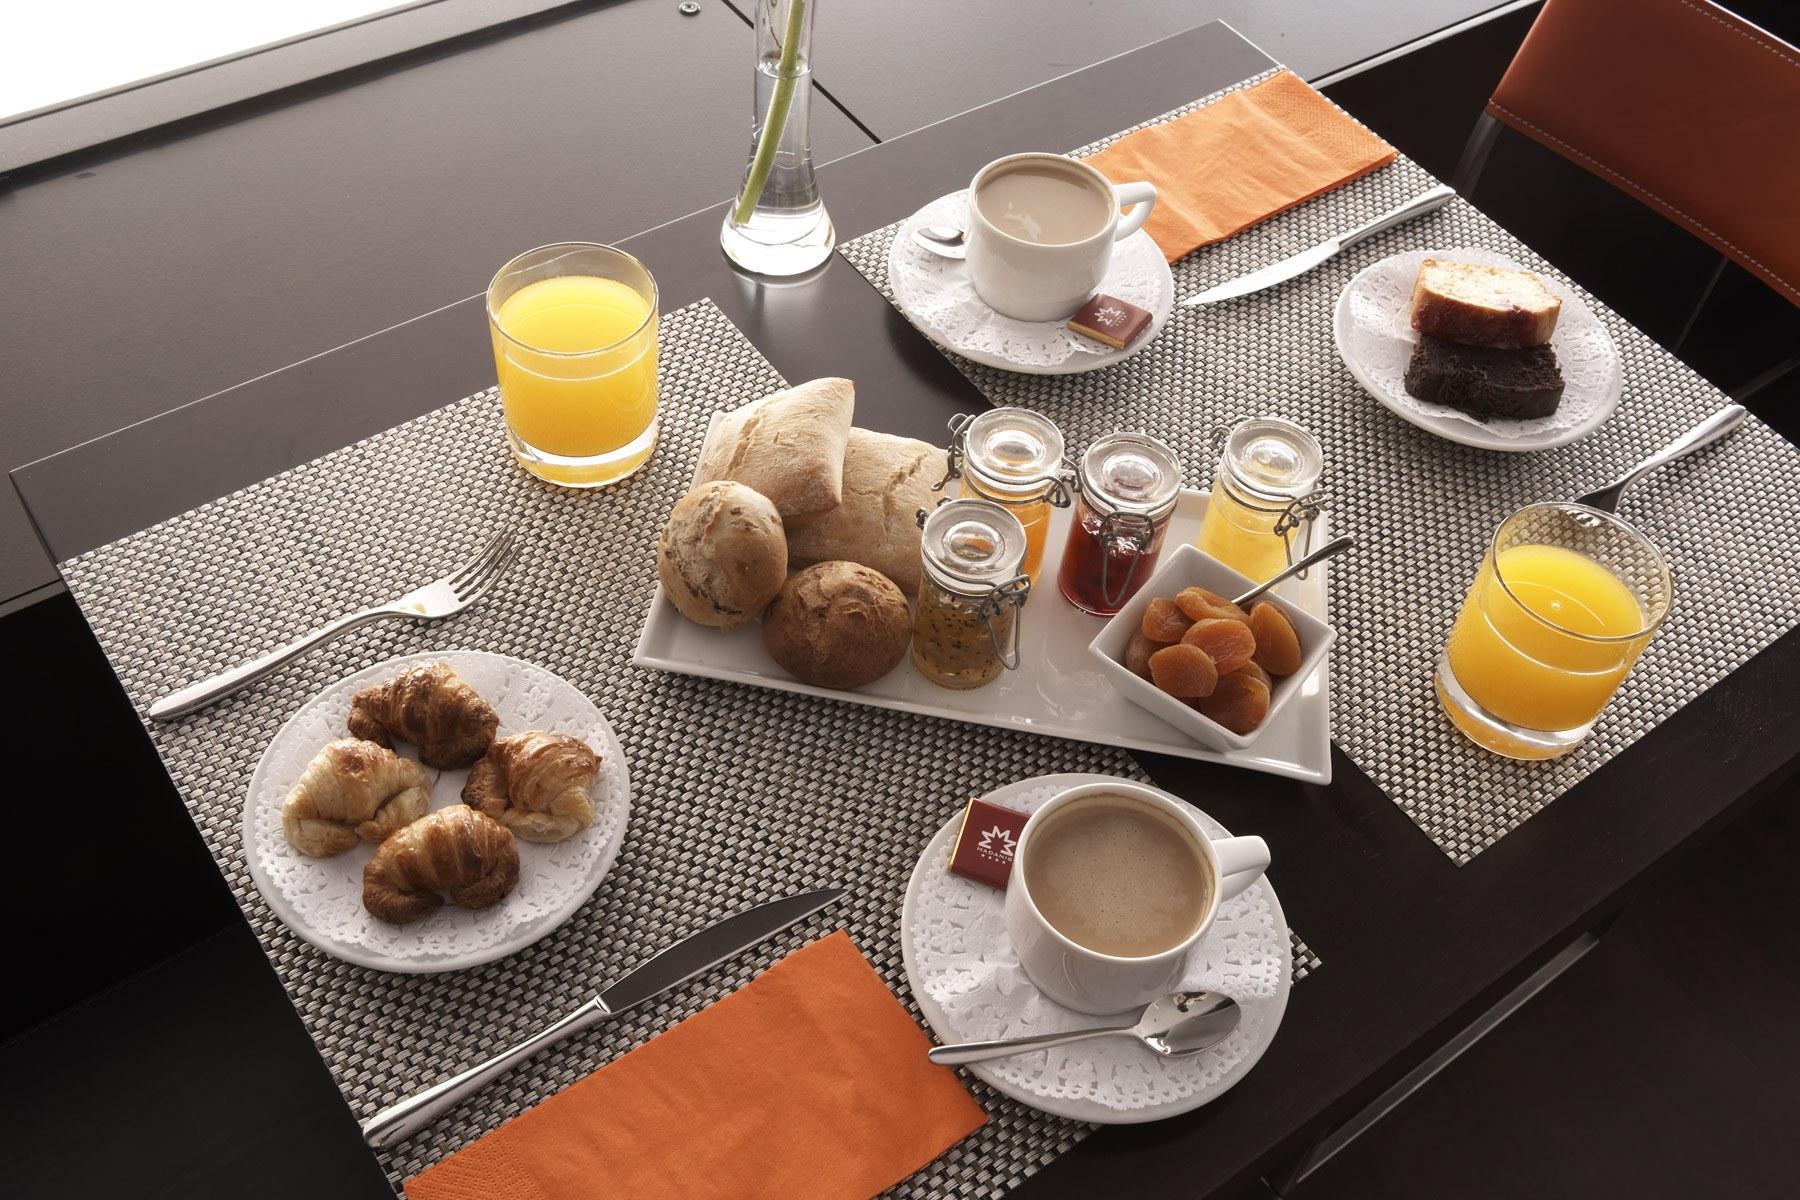 1800-breakfast-01 Завтрак оказался не настолько важным, как казалось ранее